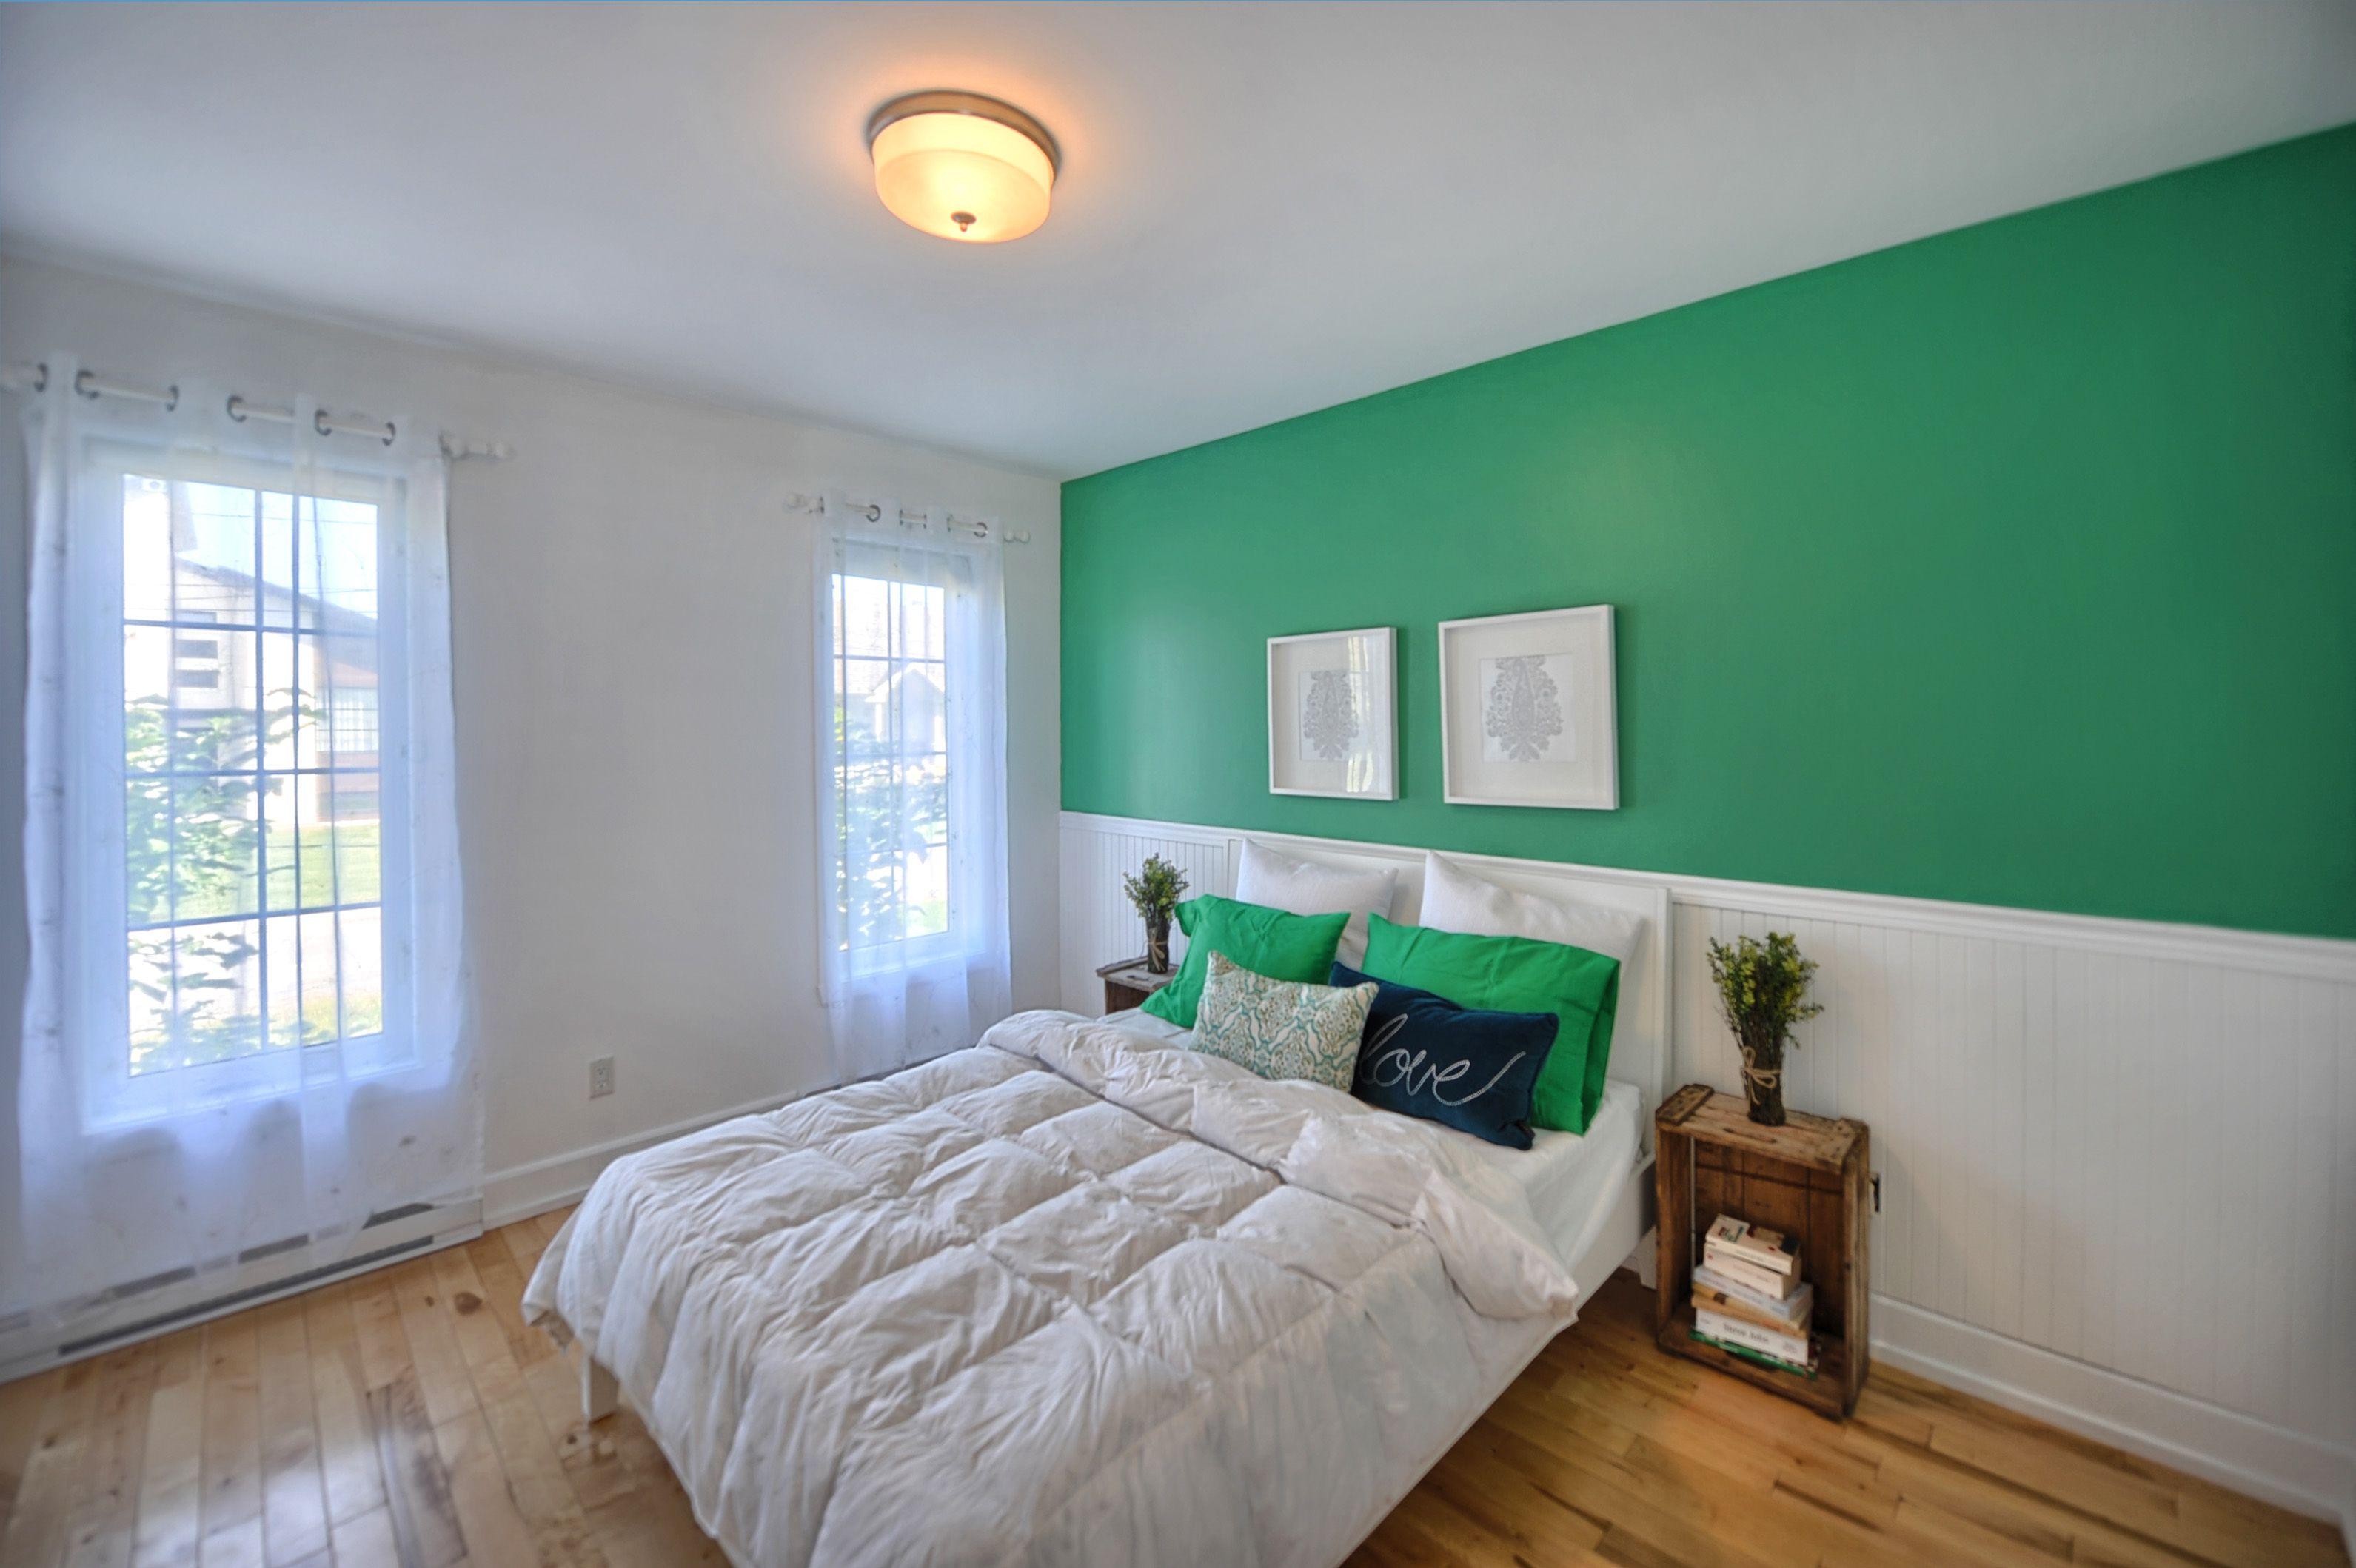 Chambre à Coucher Vert émeraude Emerald Green Bedroom Mes